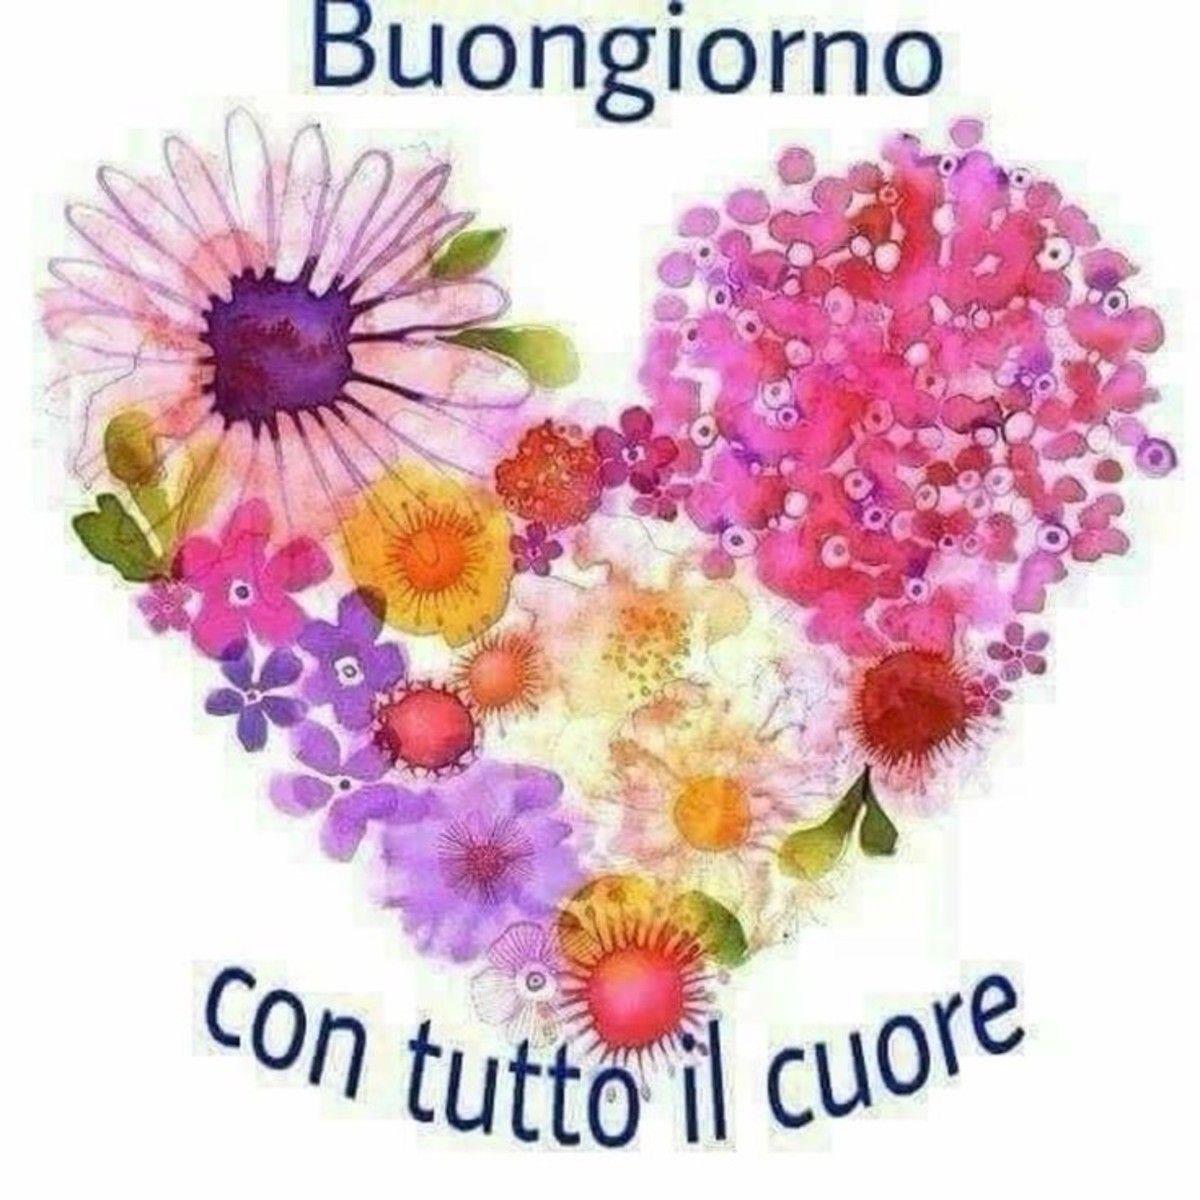 Buongiorno amici (1) - BuongiornoATe.it | Buongiorno immagini, Buongiorno,  Auguri di buongiorno